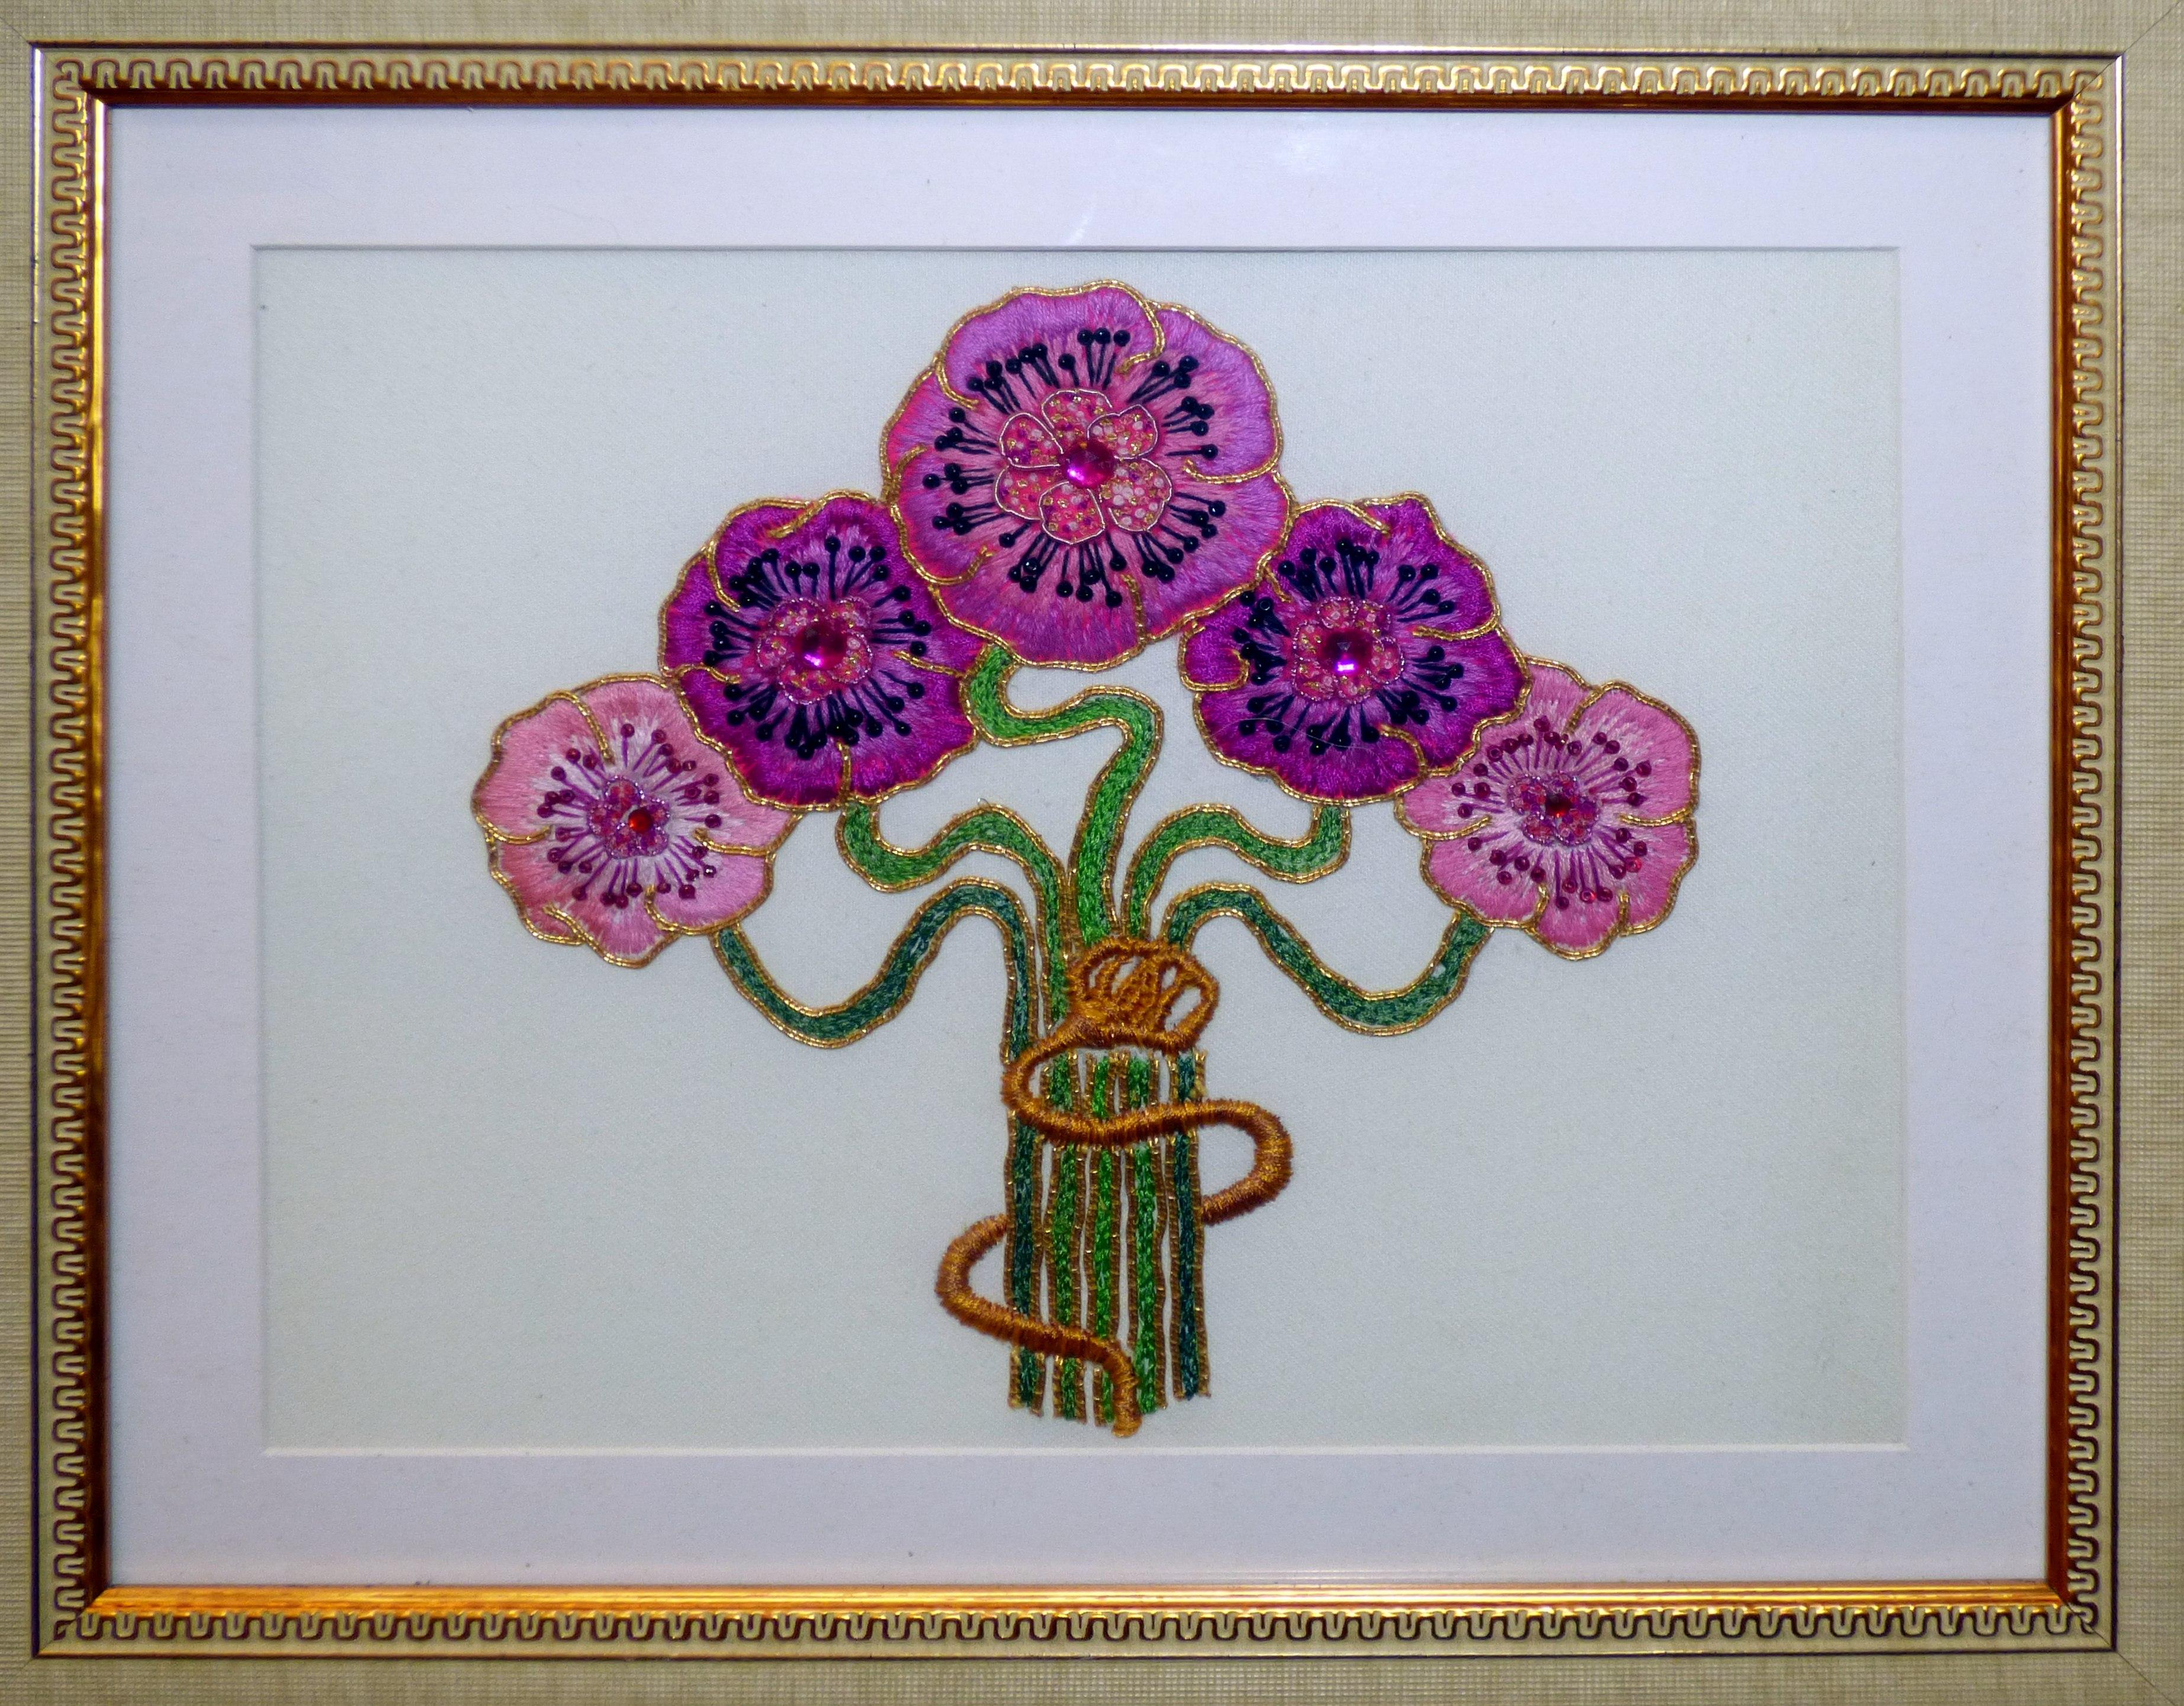 GOLDWORK FLOWER by Liz McCarroll, gold work